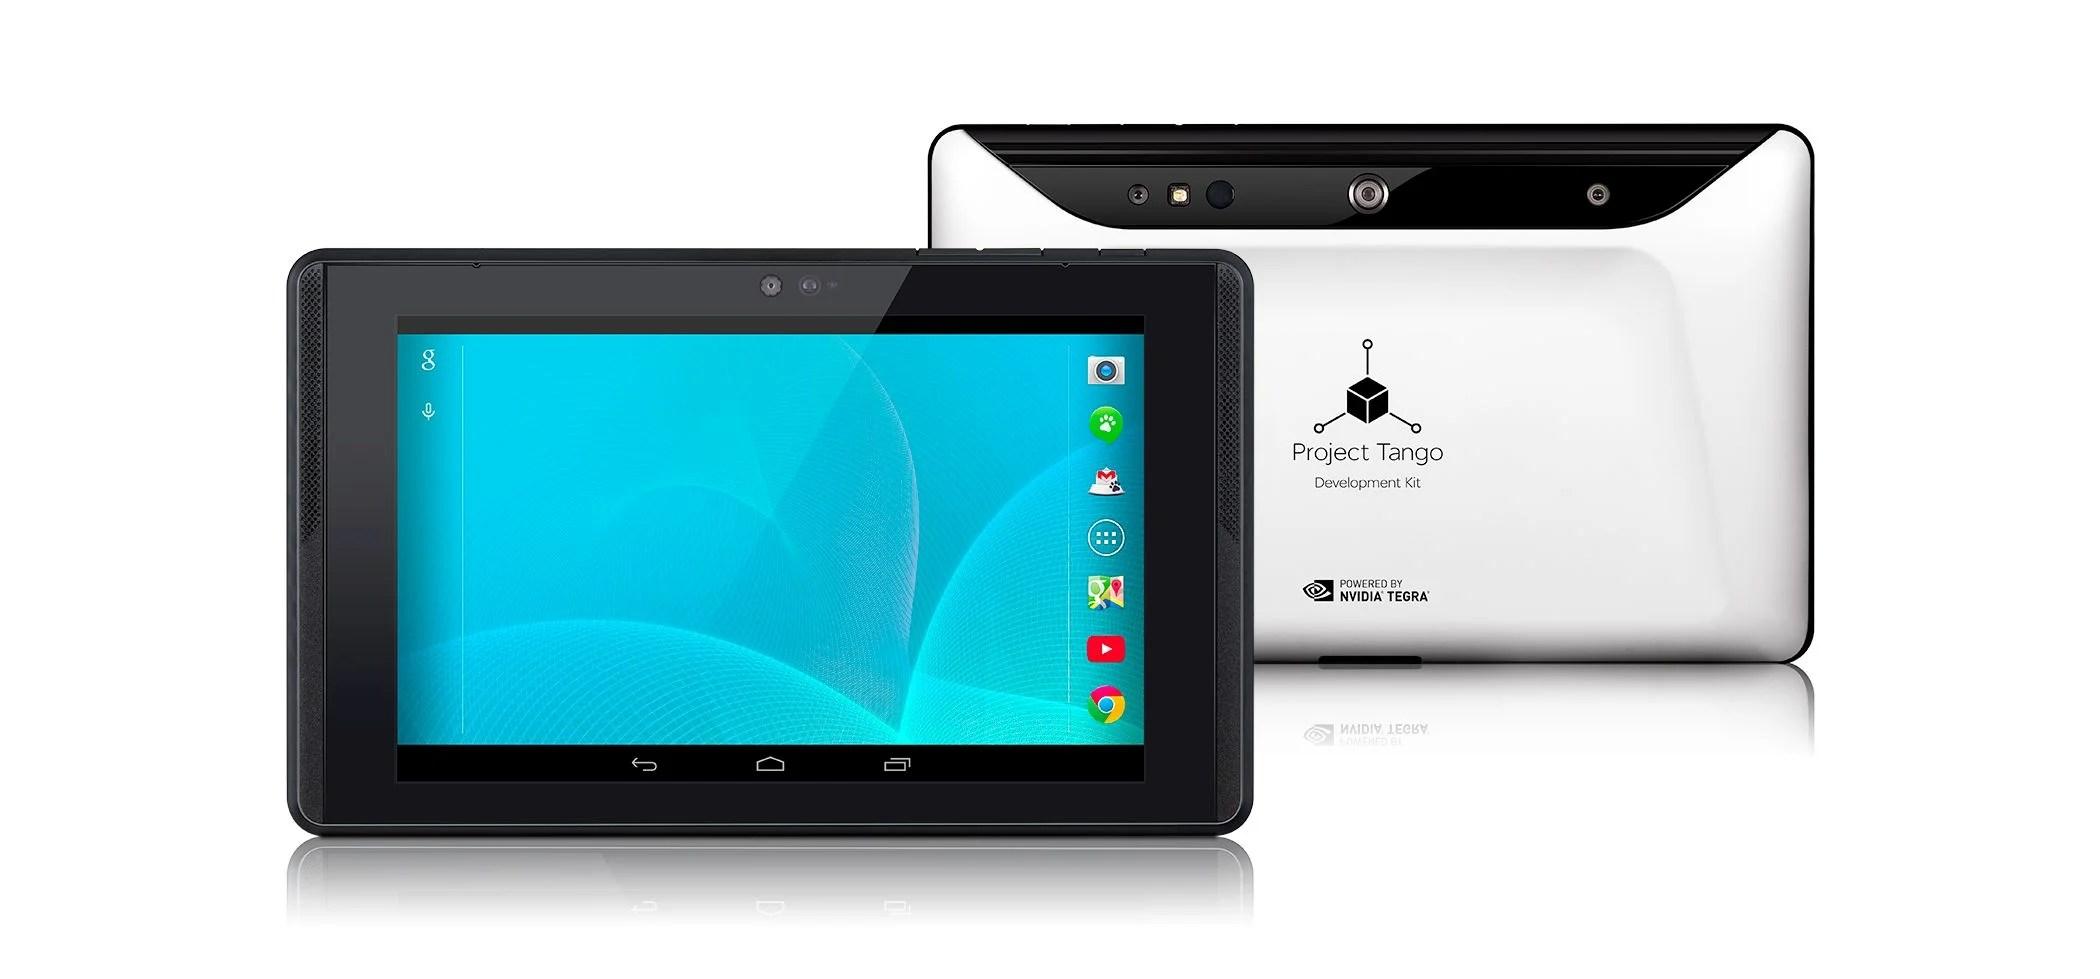 Google dévoile une tablette Tango avec un processeur Tegra K1 à 1024 dollars